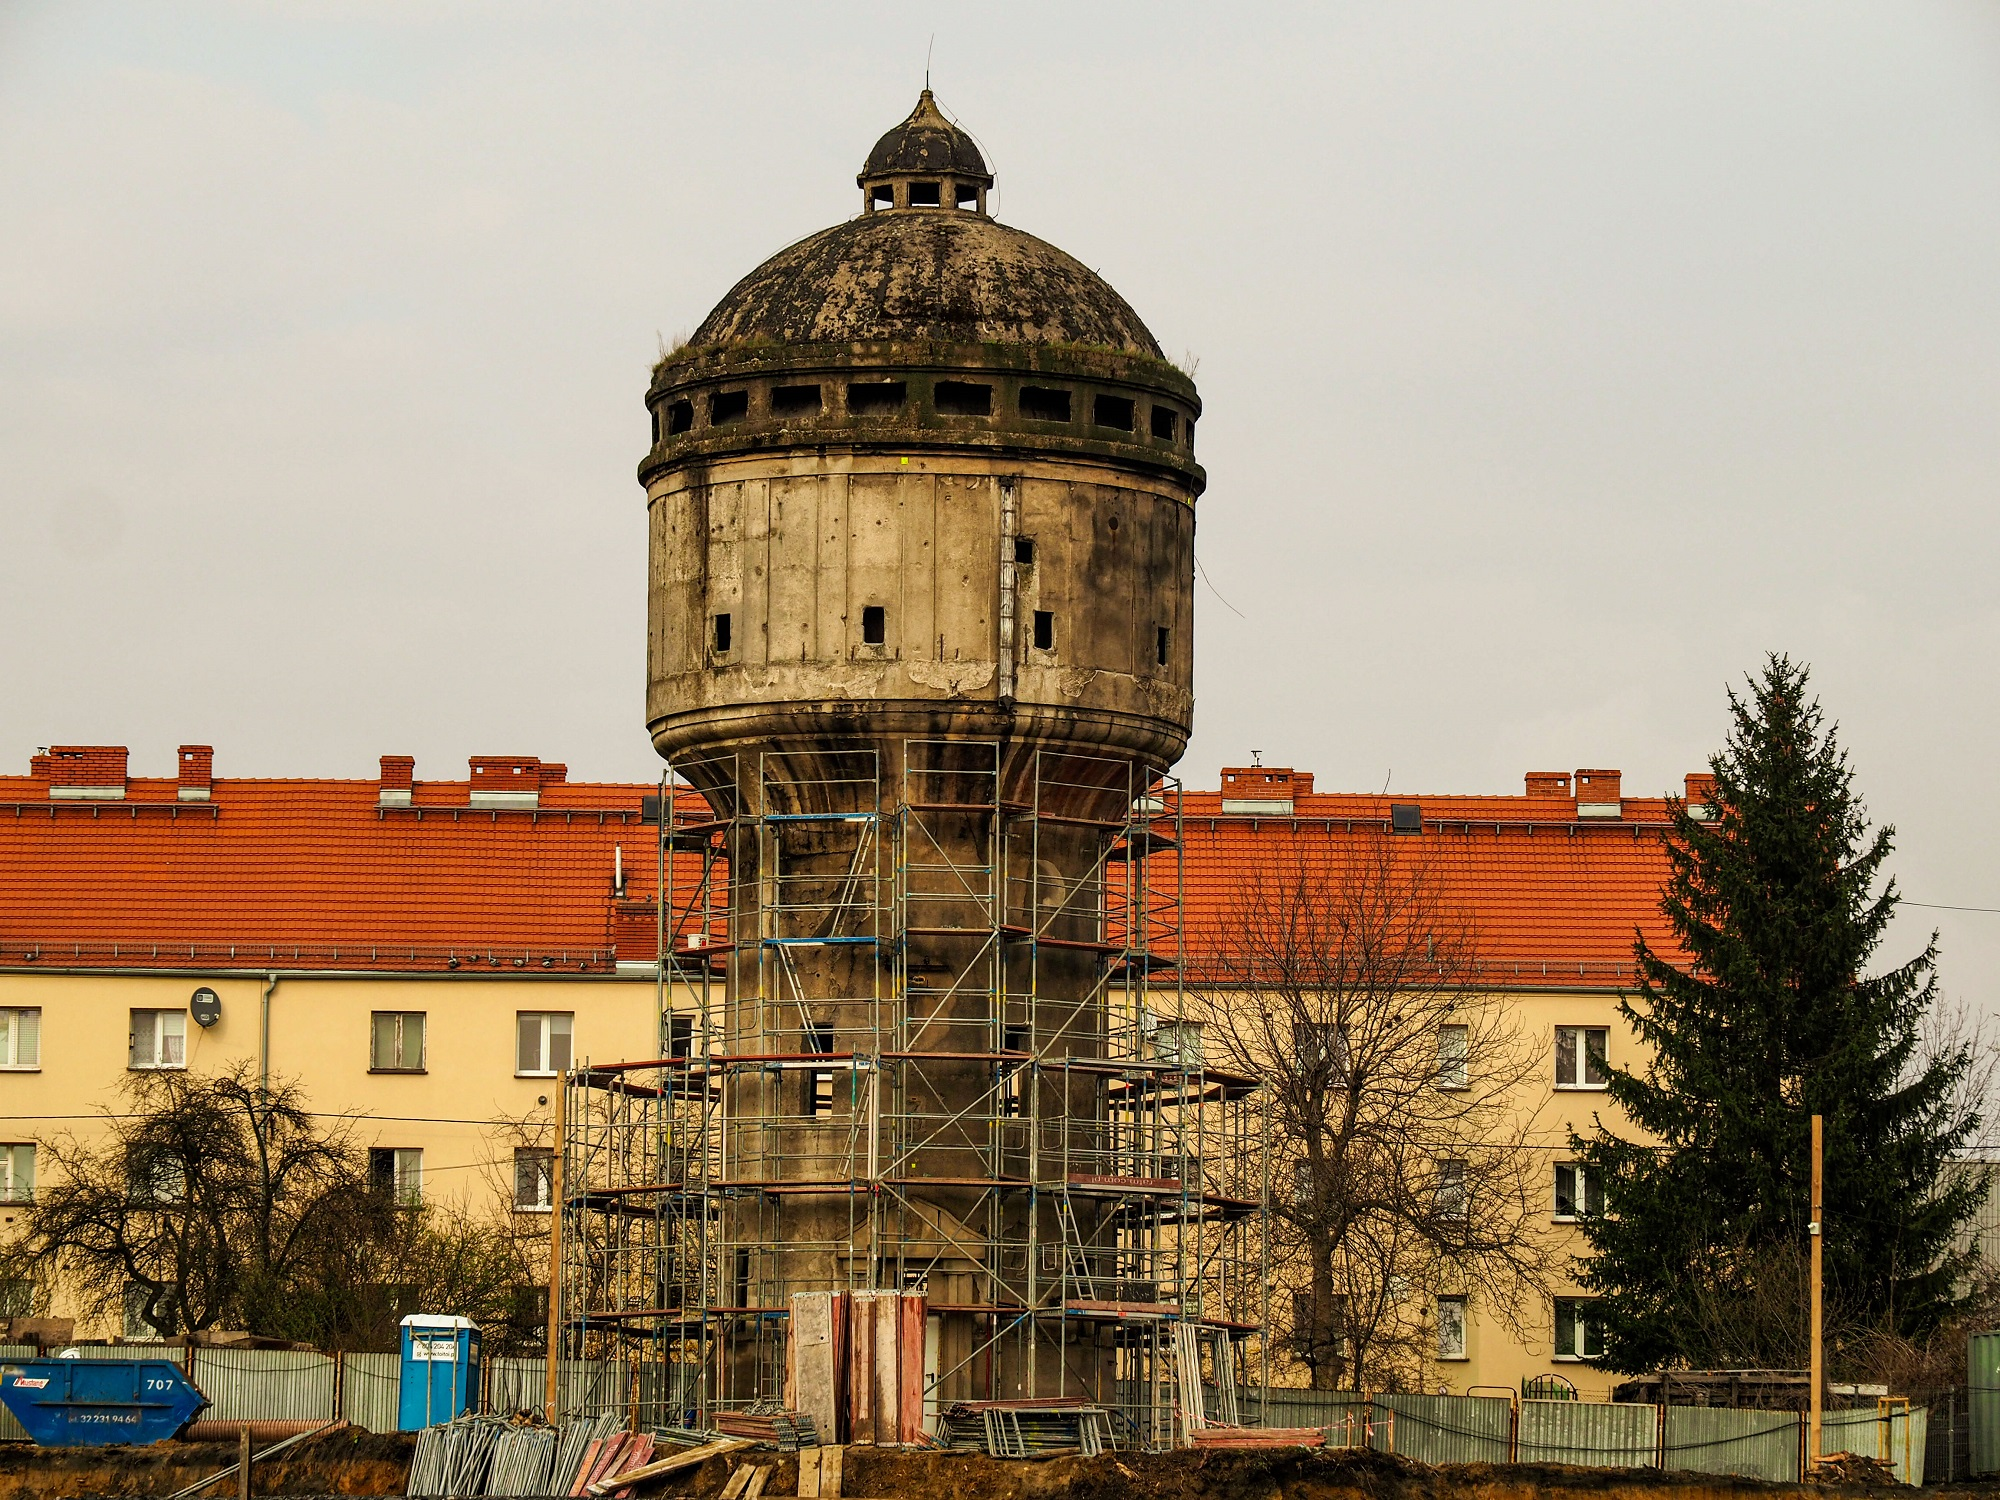 Wieża ciśnień w Gliwicach